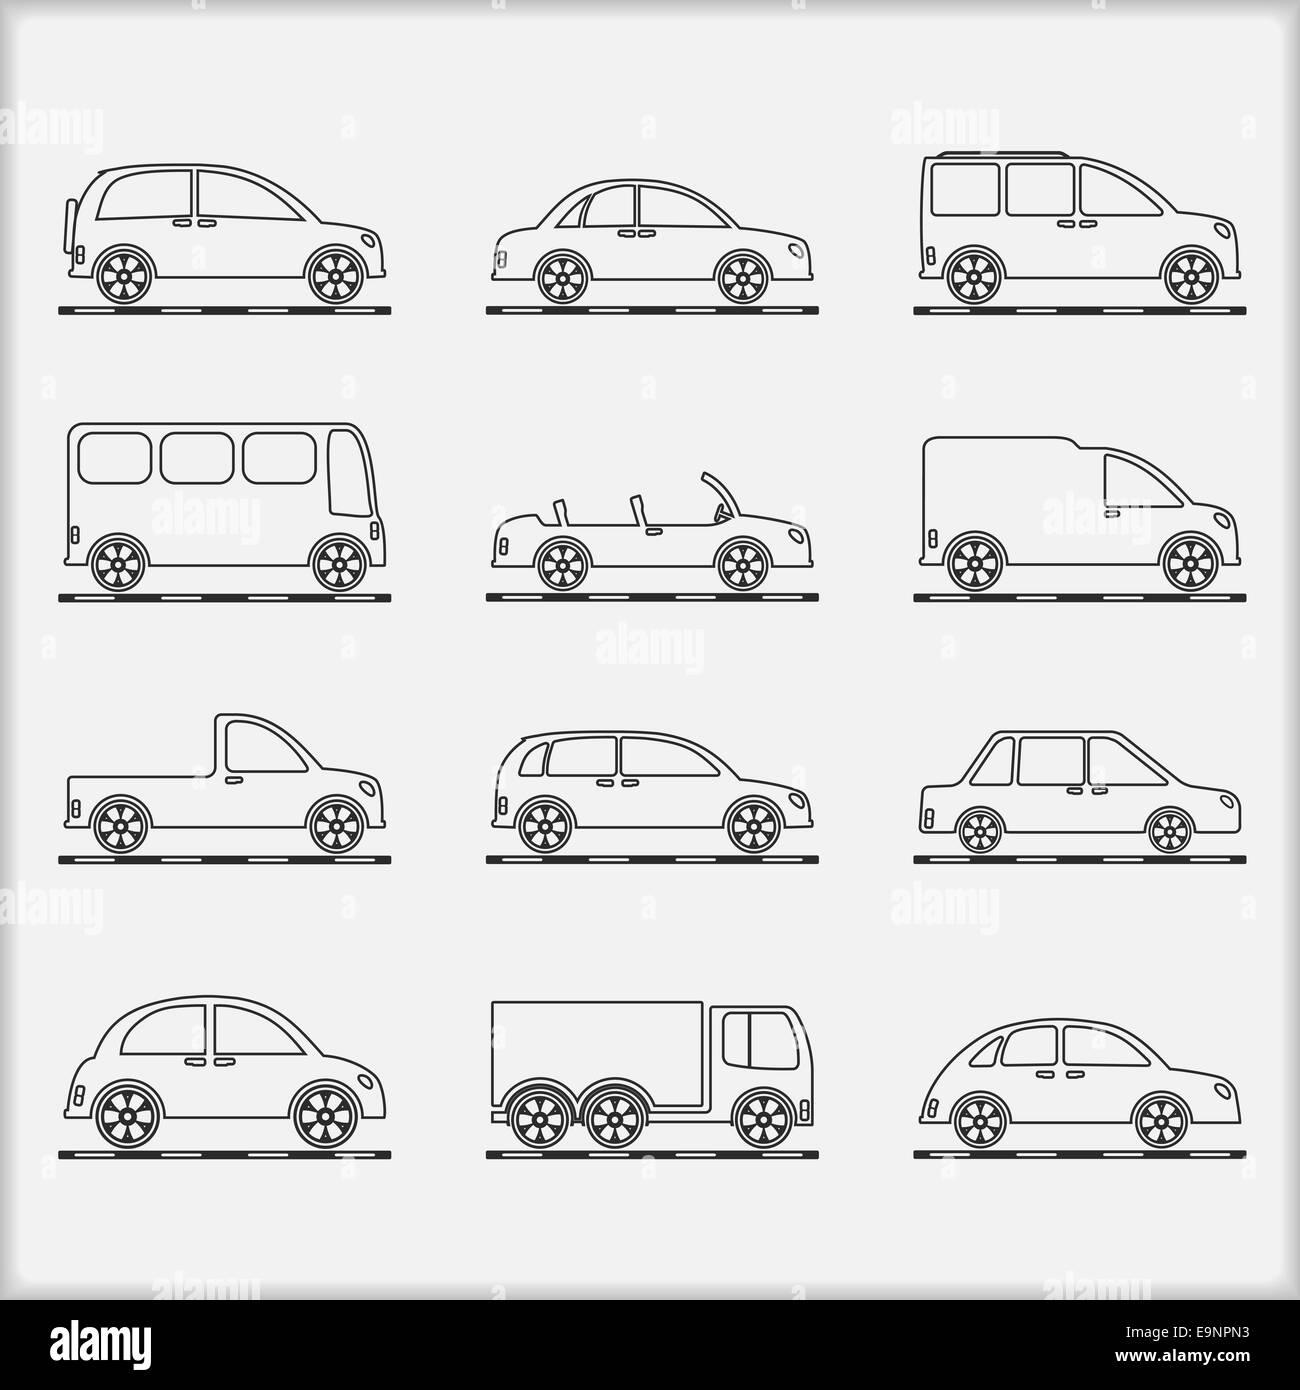 Ungewöhnlich Auto Skizziert Vorlagen Bilder - Entry Level Resume ...